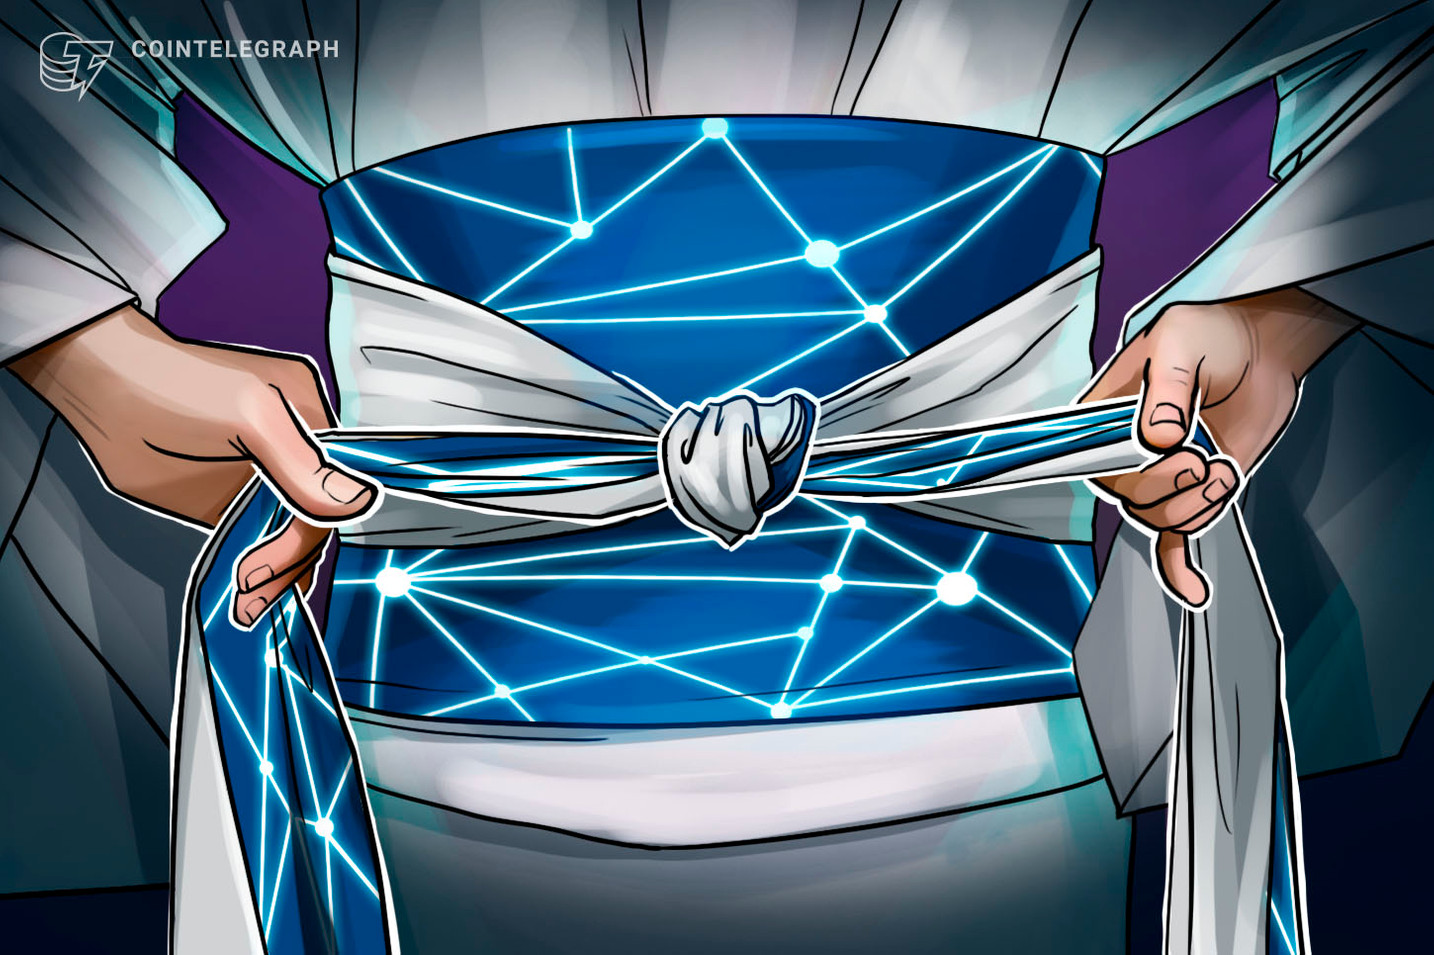 Gigante japonesa de comércio Itochu desenvolve sistema de rastreabilidade blockchain em PoC